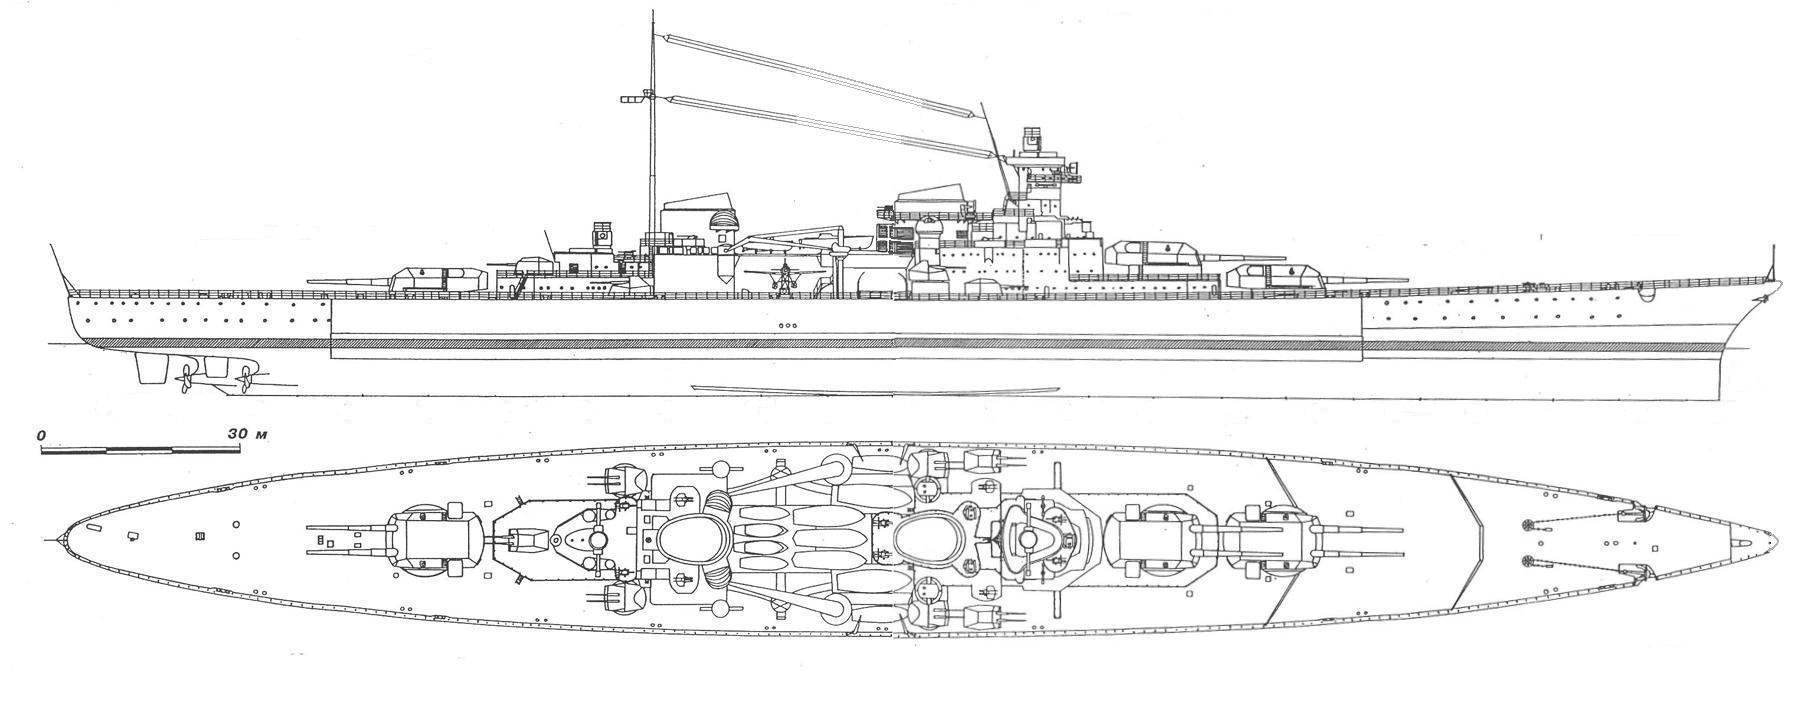 A csatacirkáló oldalnézeti rajza és felülnézete.